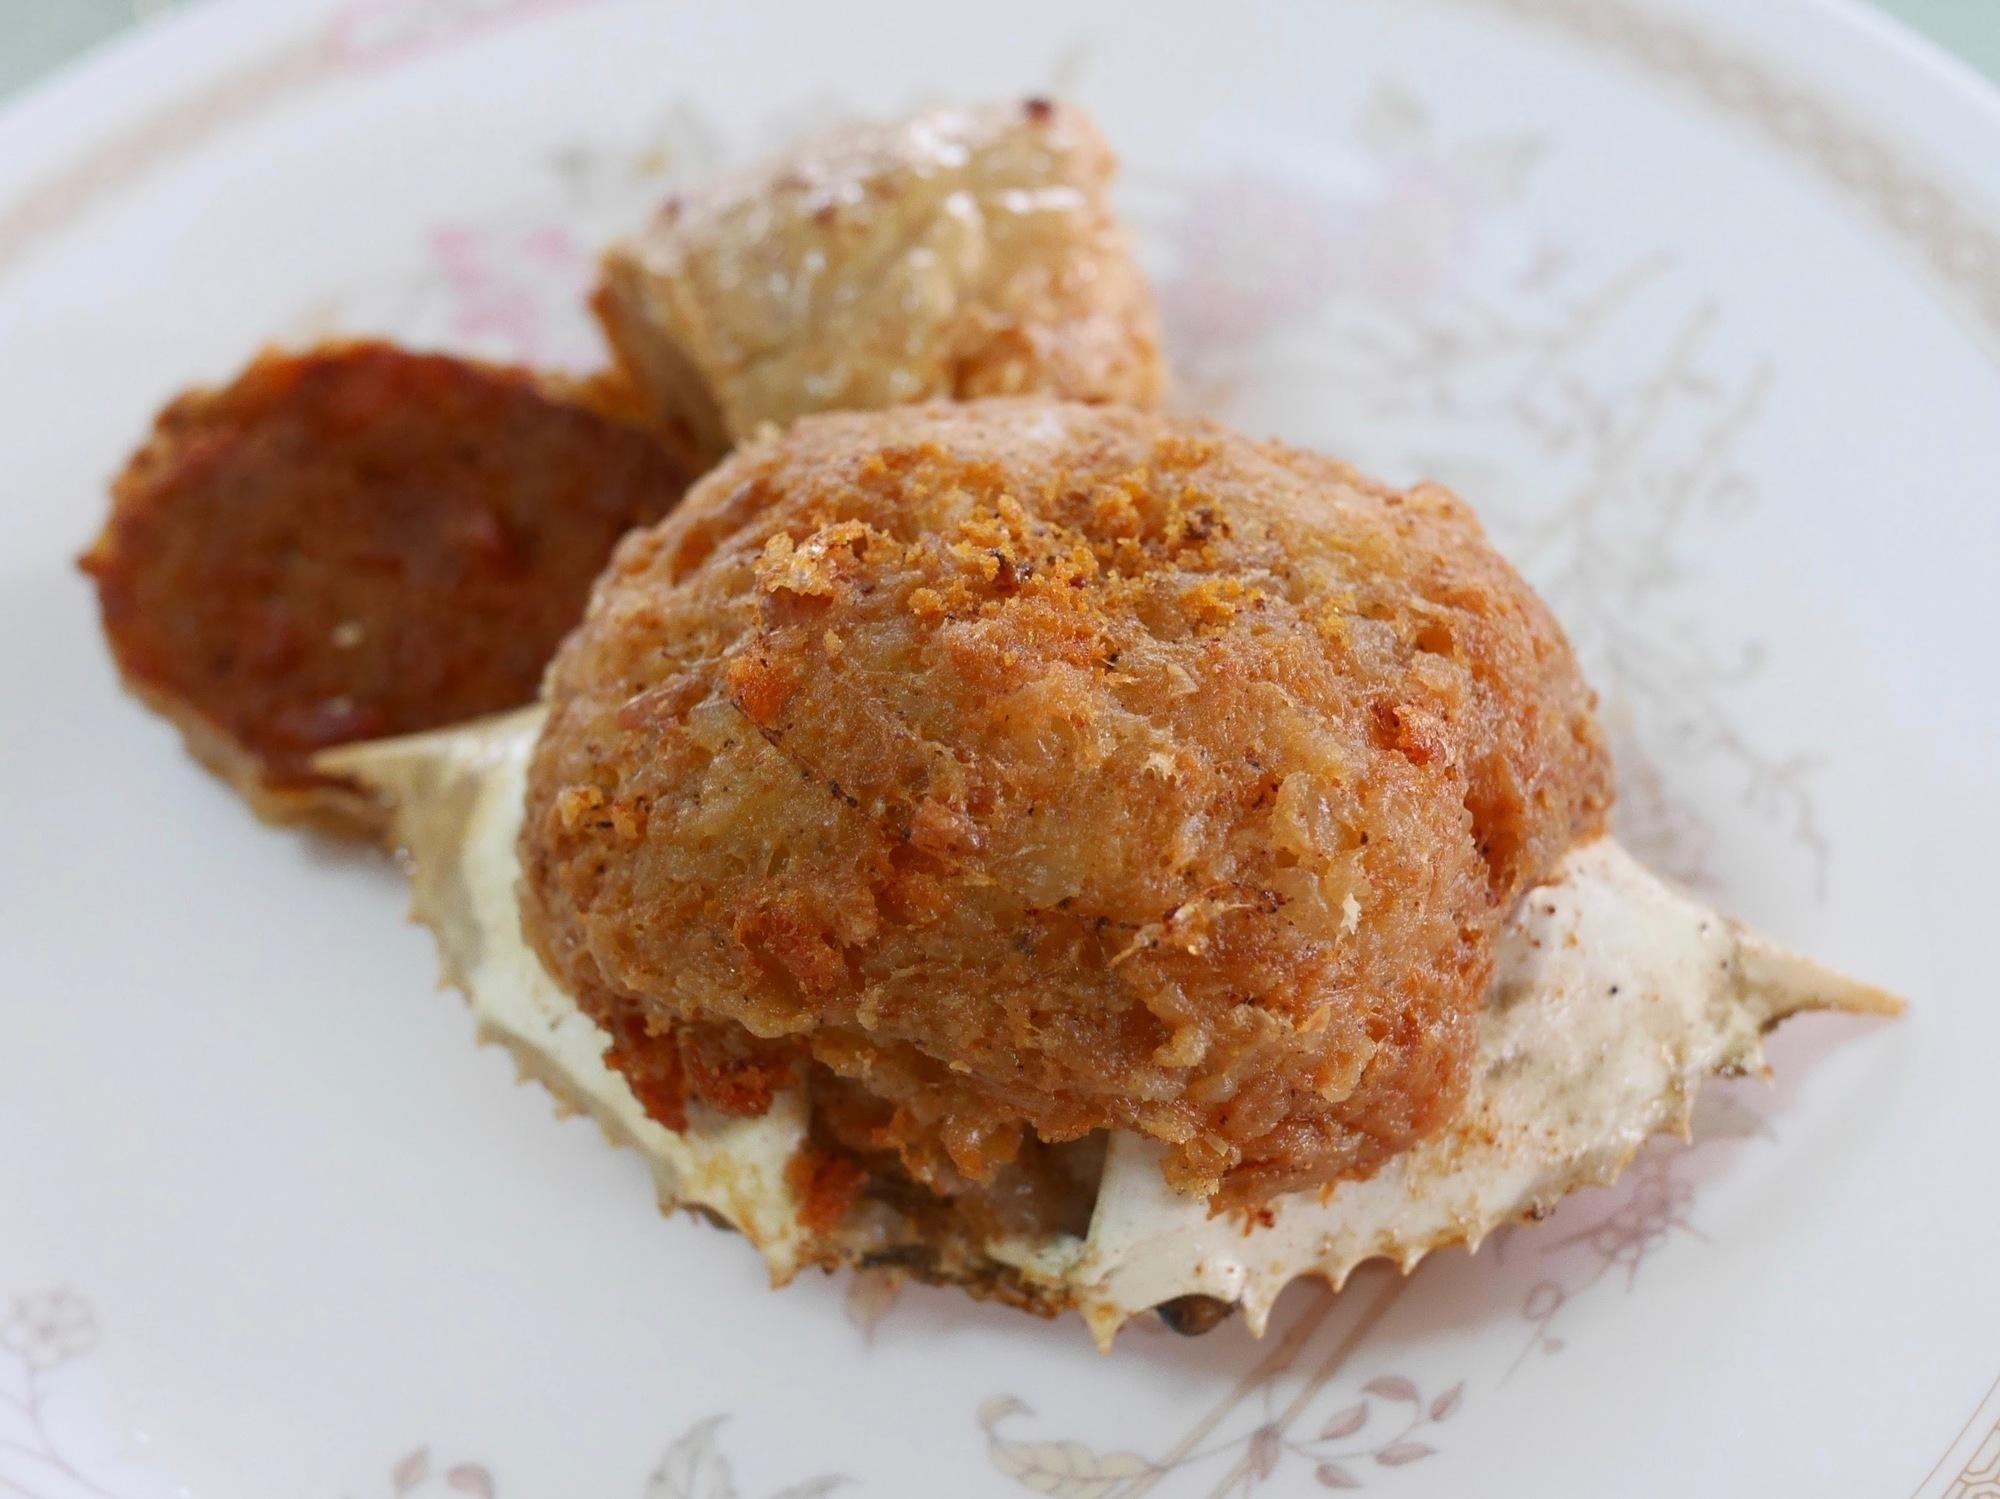 ノンモン市場で食べる名物料理。カニ肉ギッシリ!『プージャー』と『ヘーグン』